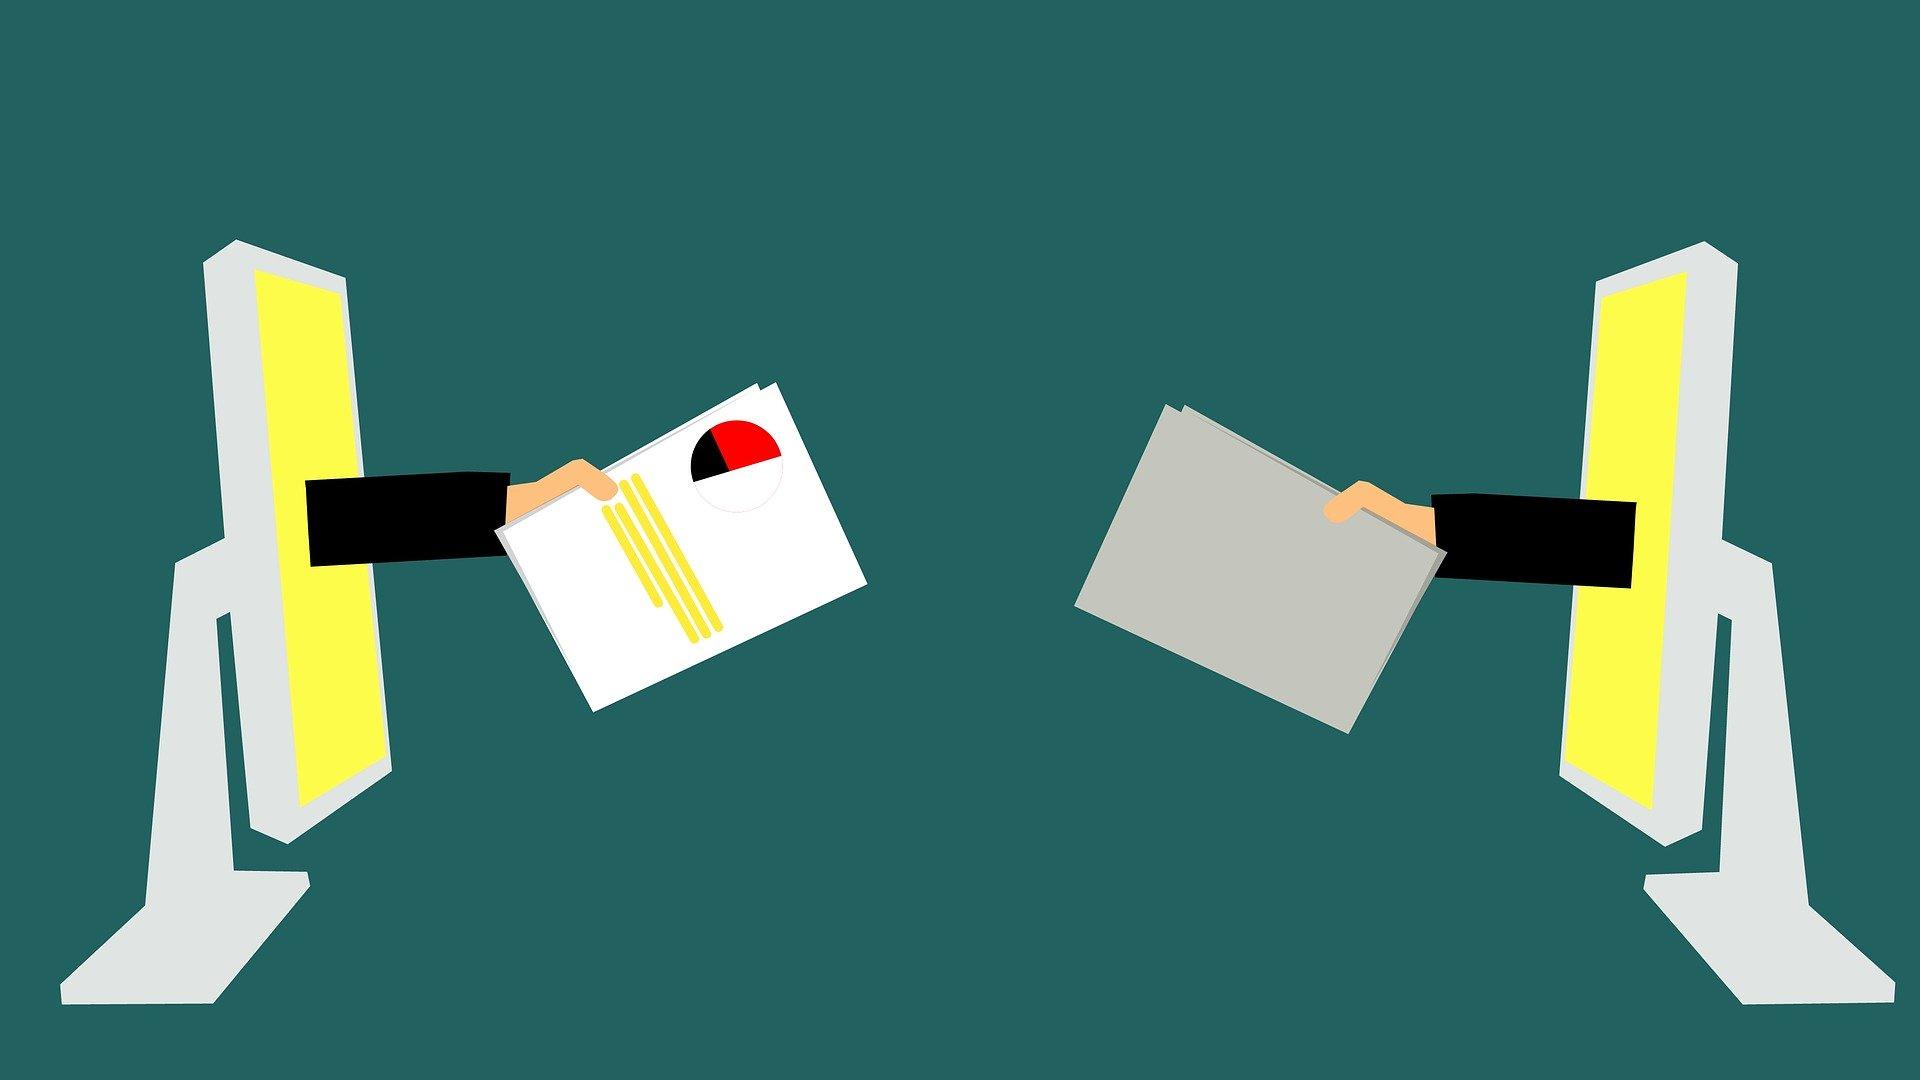 Щодо зазначення в тексті банківської гарантії умов, зазначення яких прямо заборонено тендерною документацією